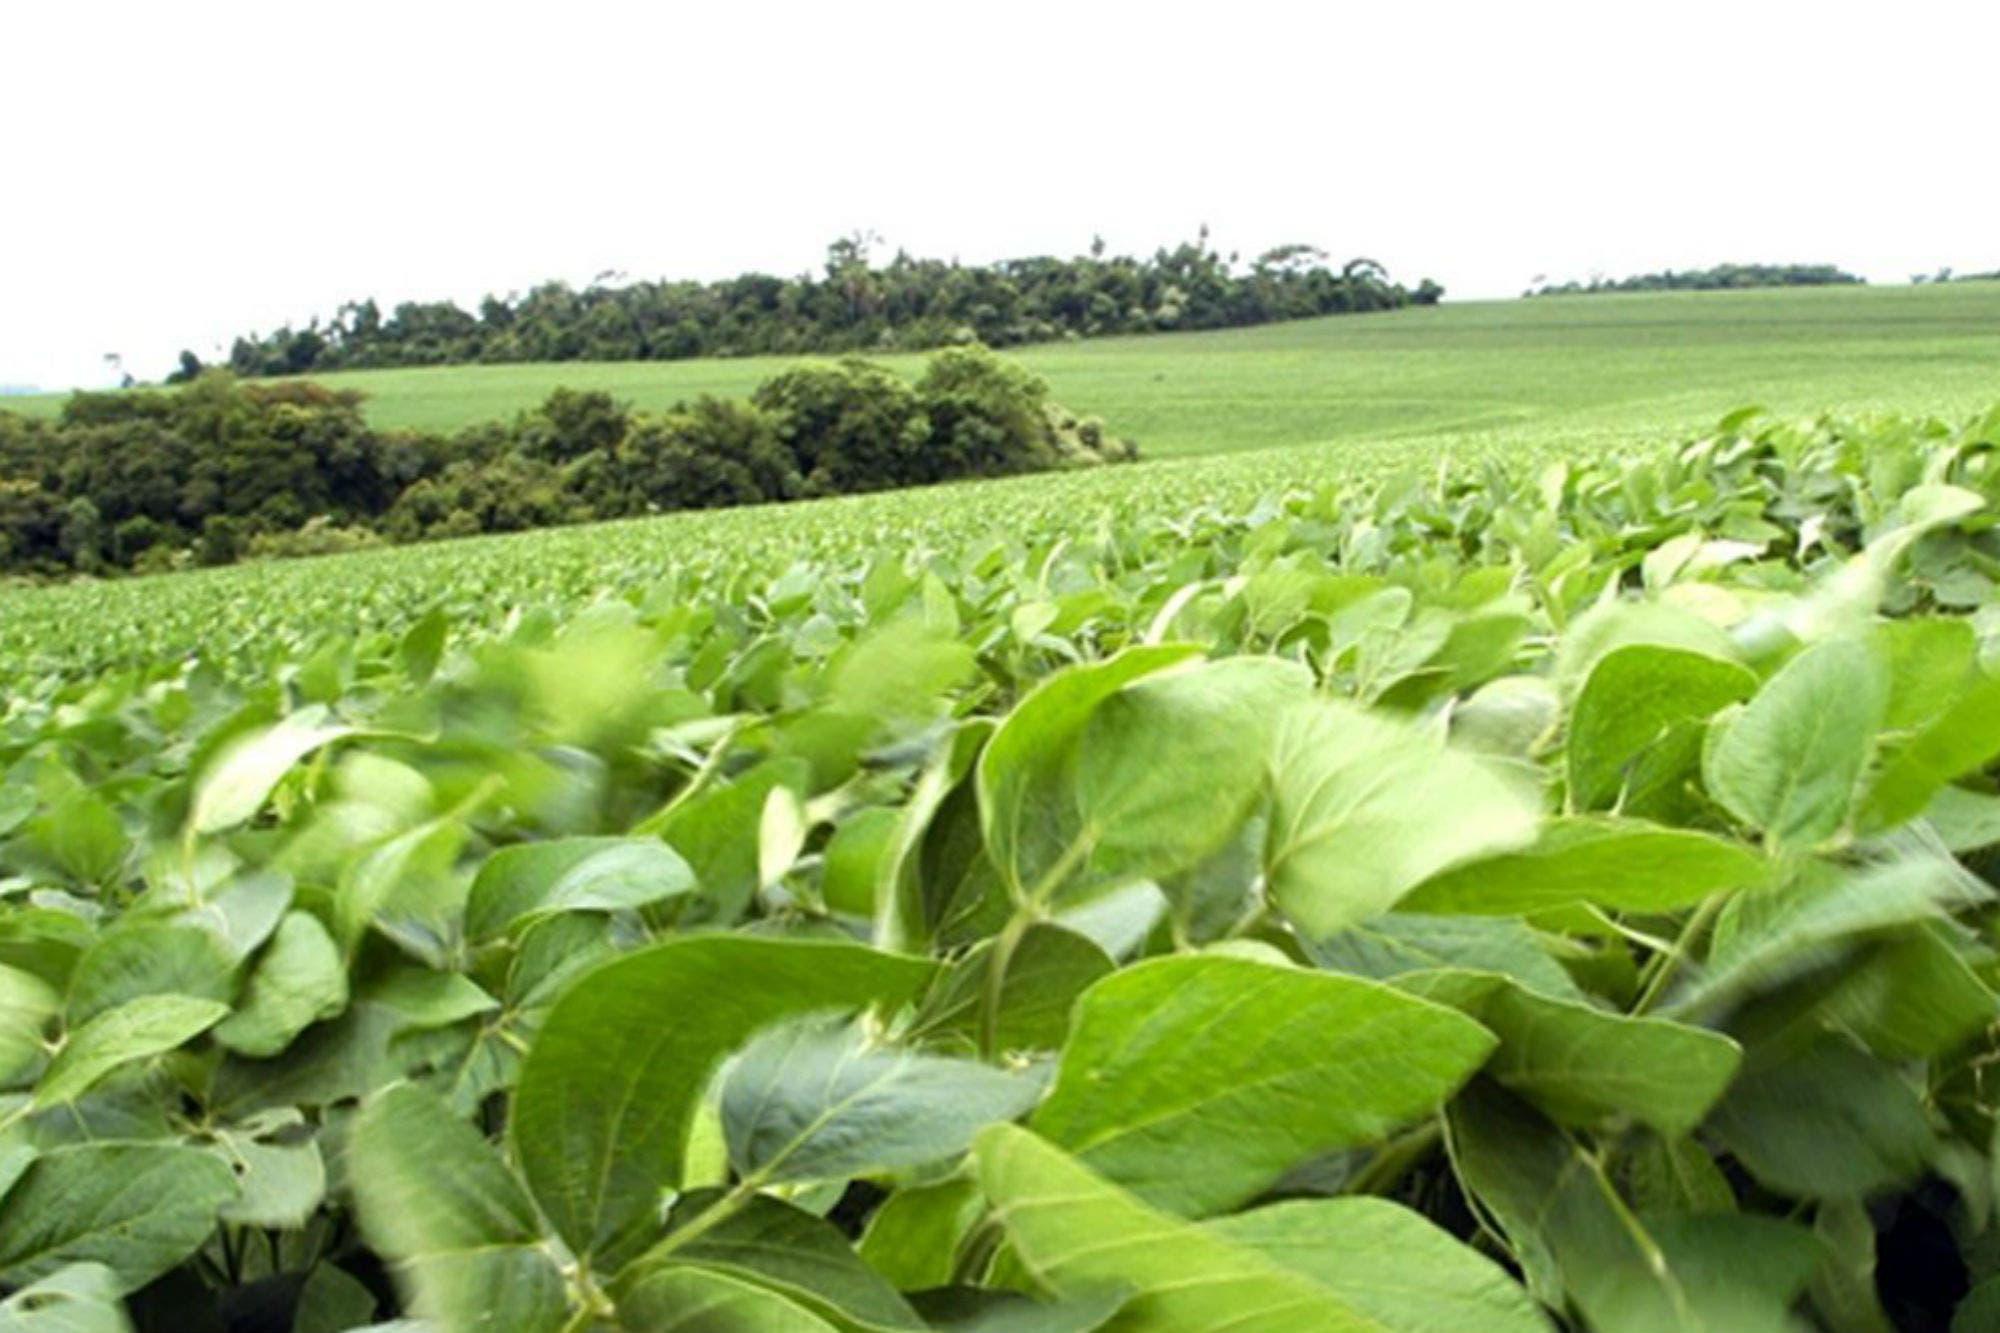 Cuáles son las provincias líderes en producción de soja, maíz y trigo según el Censo Agropecuario